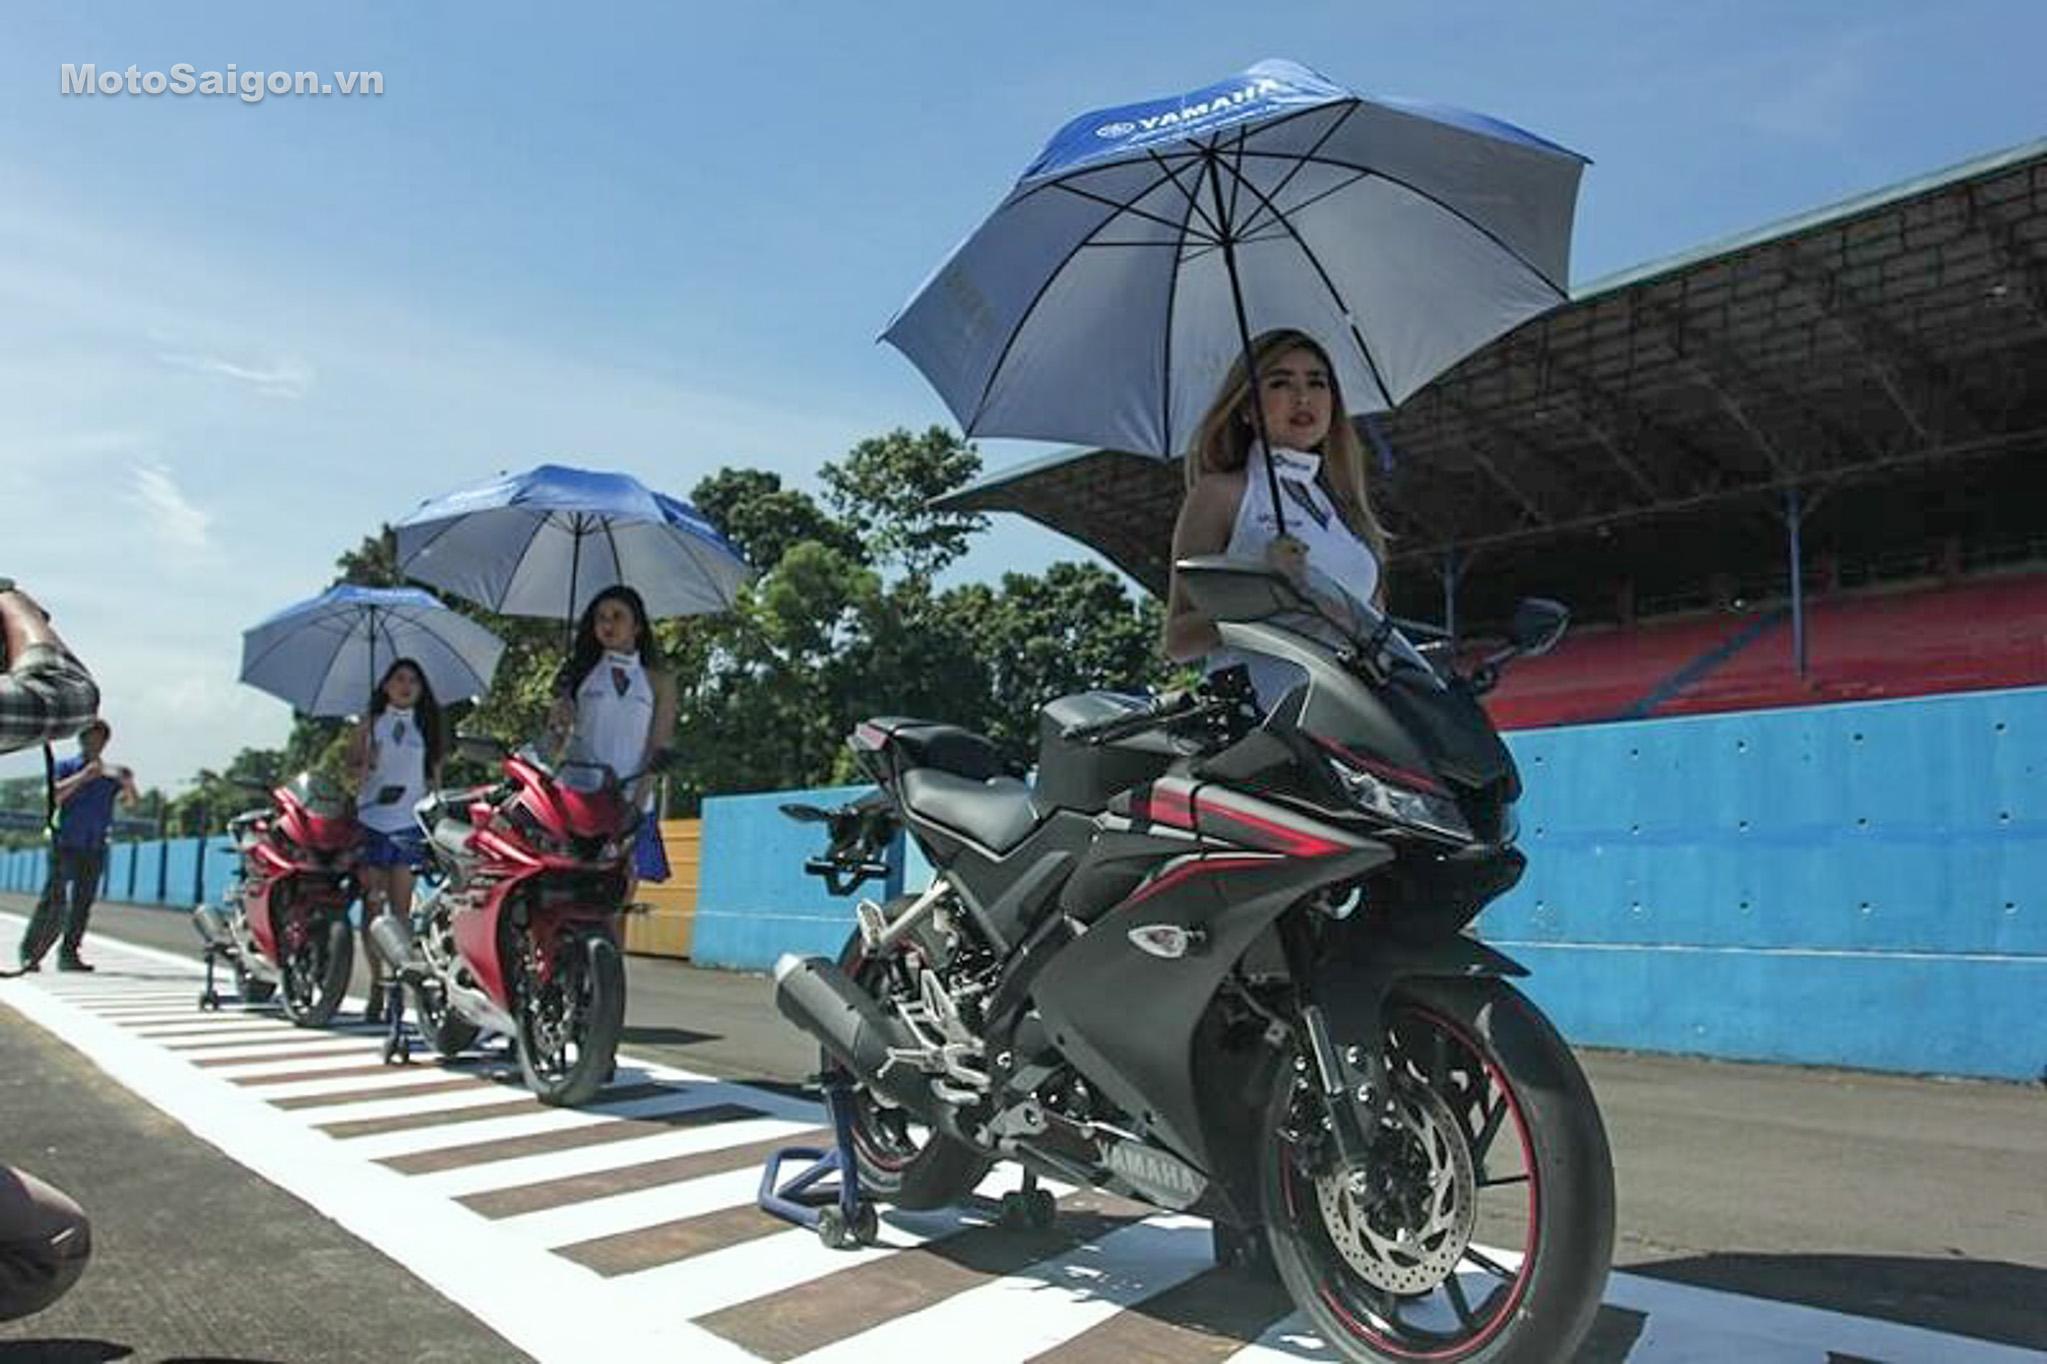 danh-gia-xe-yamaha-r15-v3-2017-hinh-anh-motosaigon-18